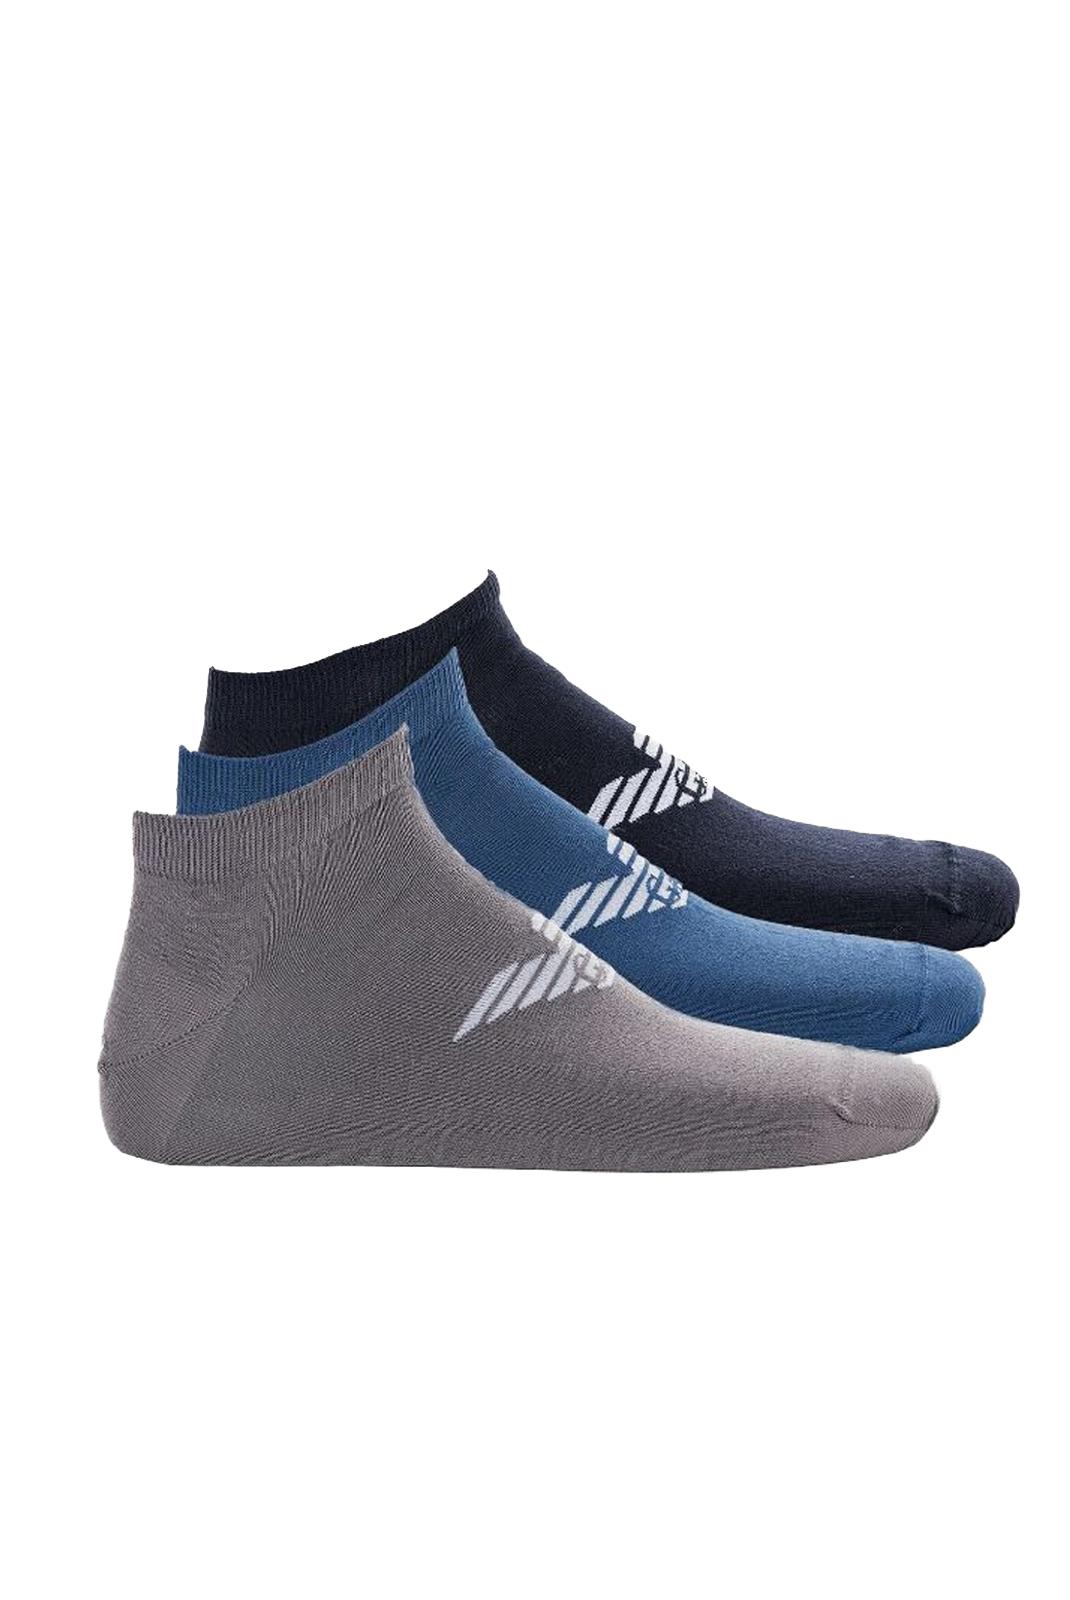 Chaussettes  Emporio armani 300008 0P234 66335 BLU/BLUETTE/ GRIGIO